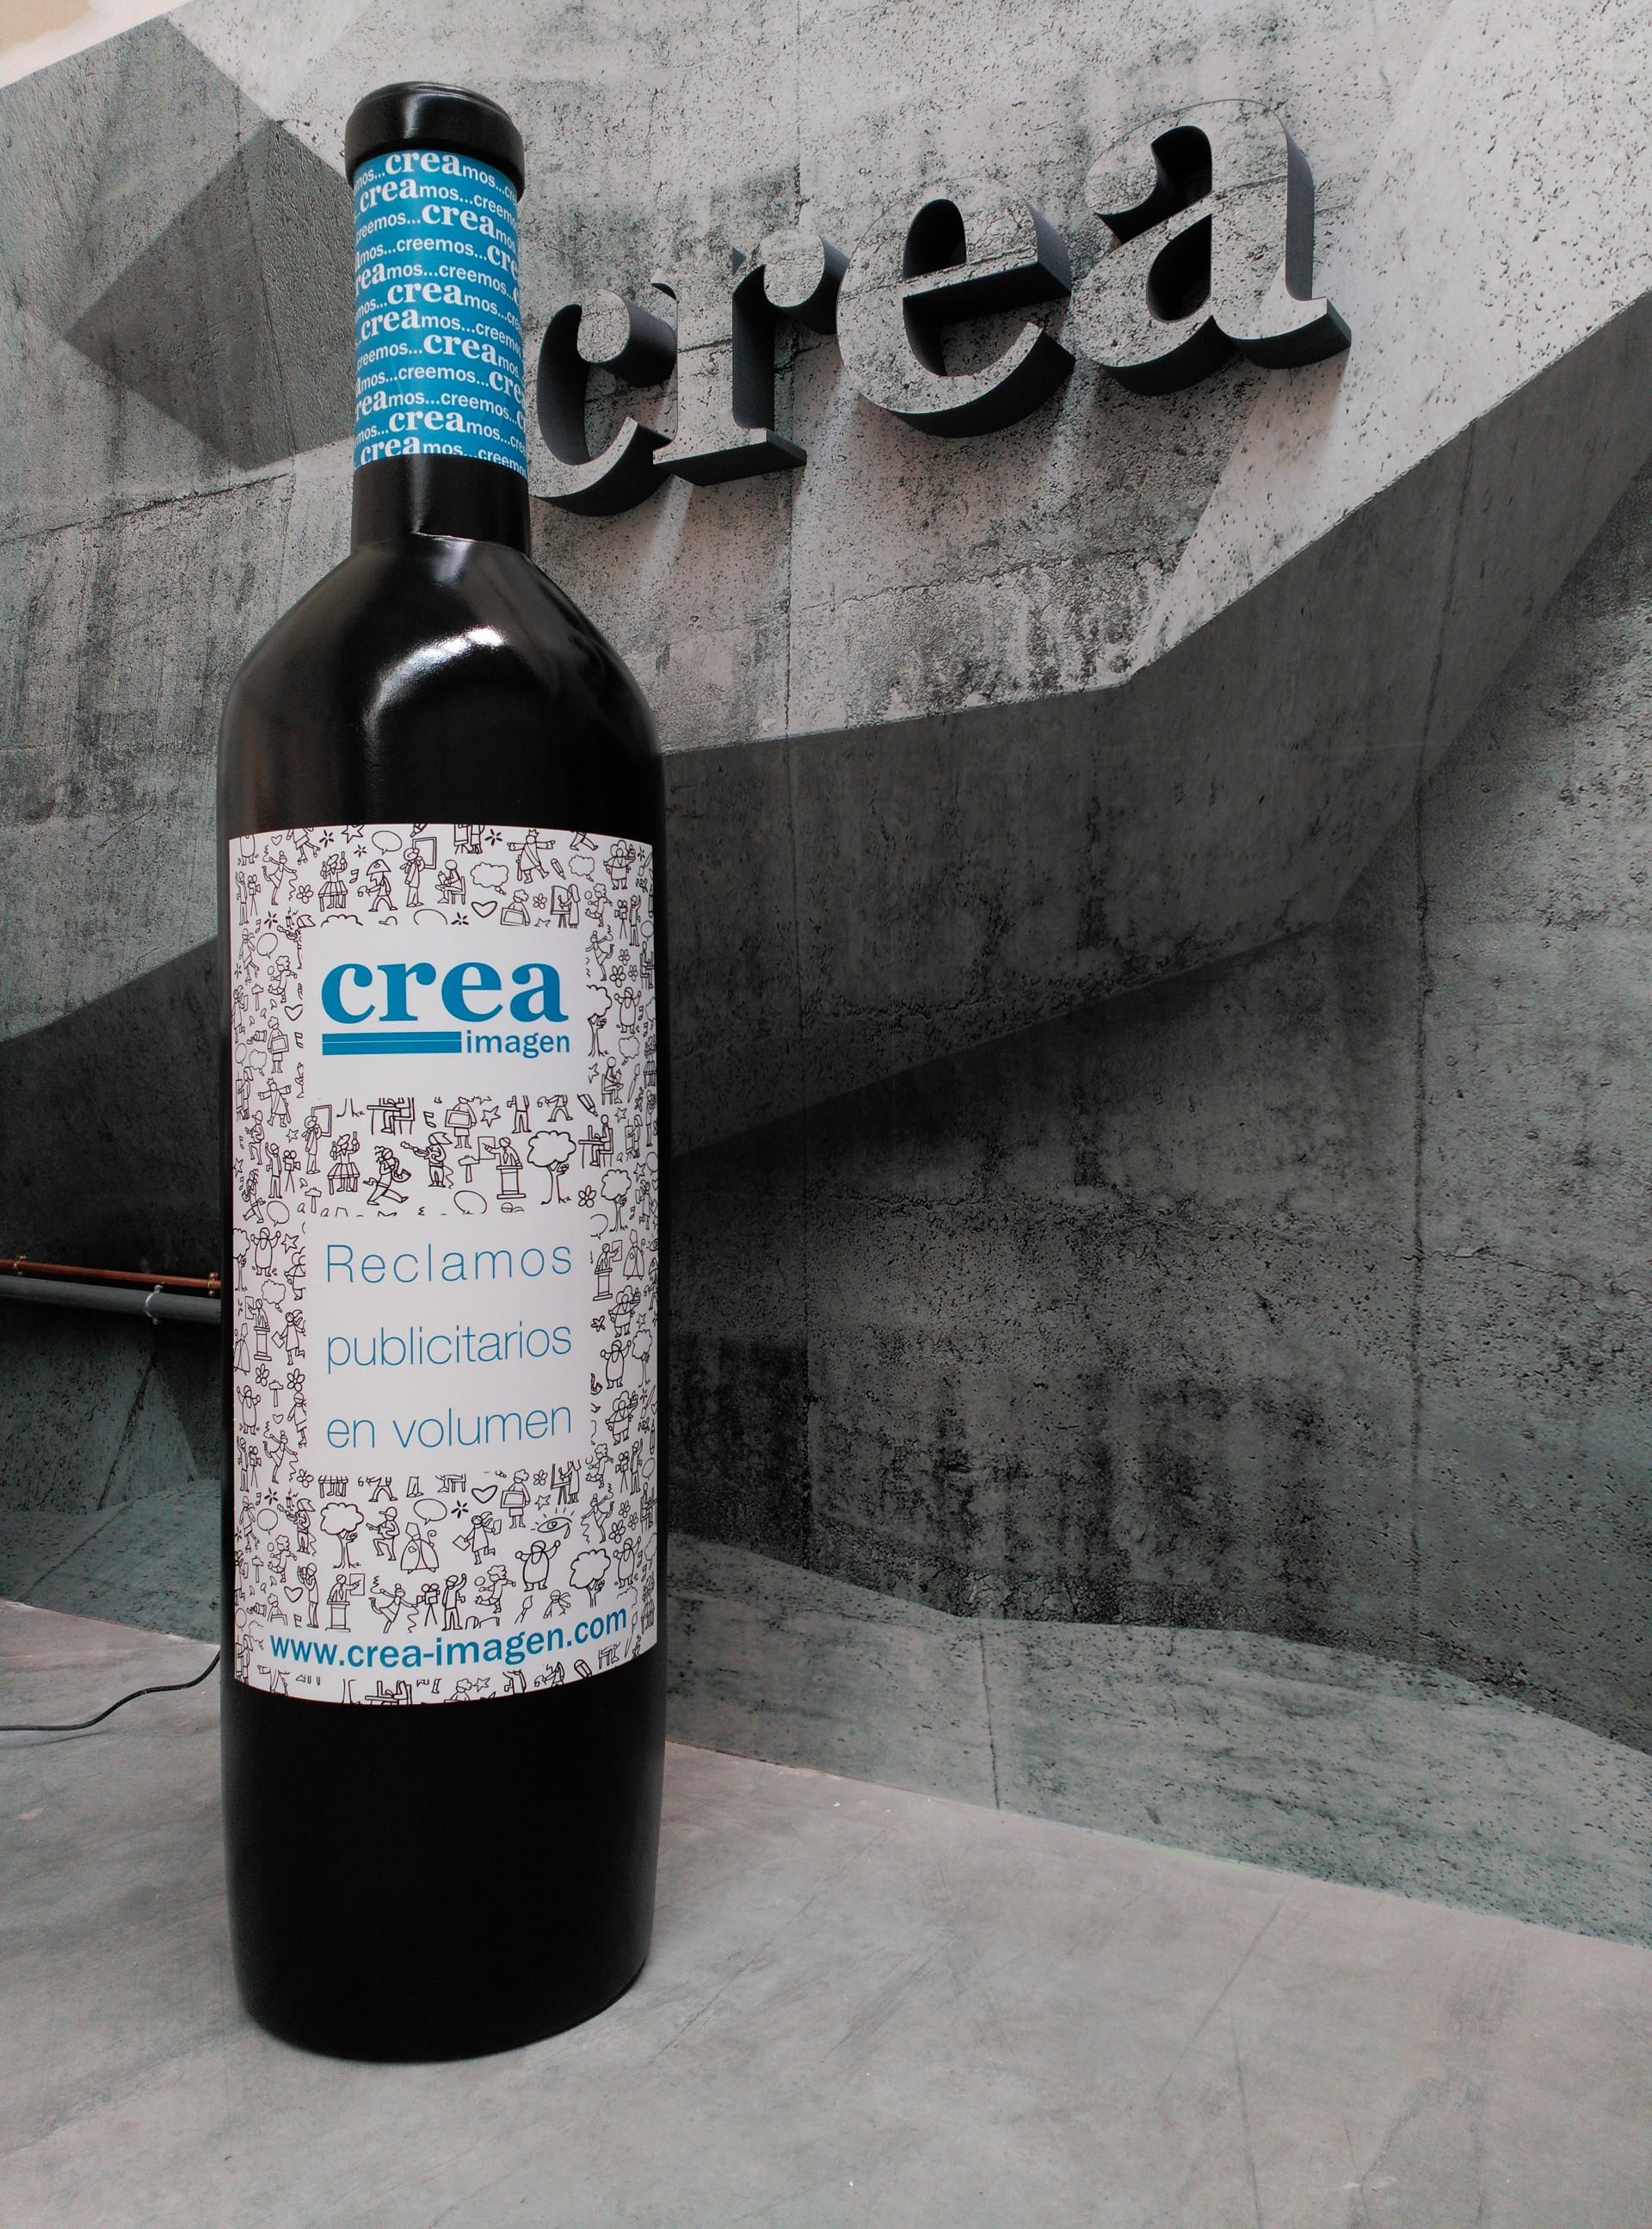 crea_imagen_creaimagen_rotulacion_diseño_vinilos_impresion_letras_corpóreas_poliestireno_vino_botella_bodega